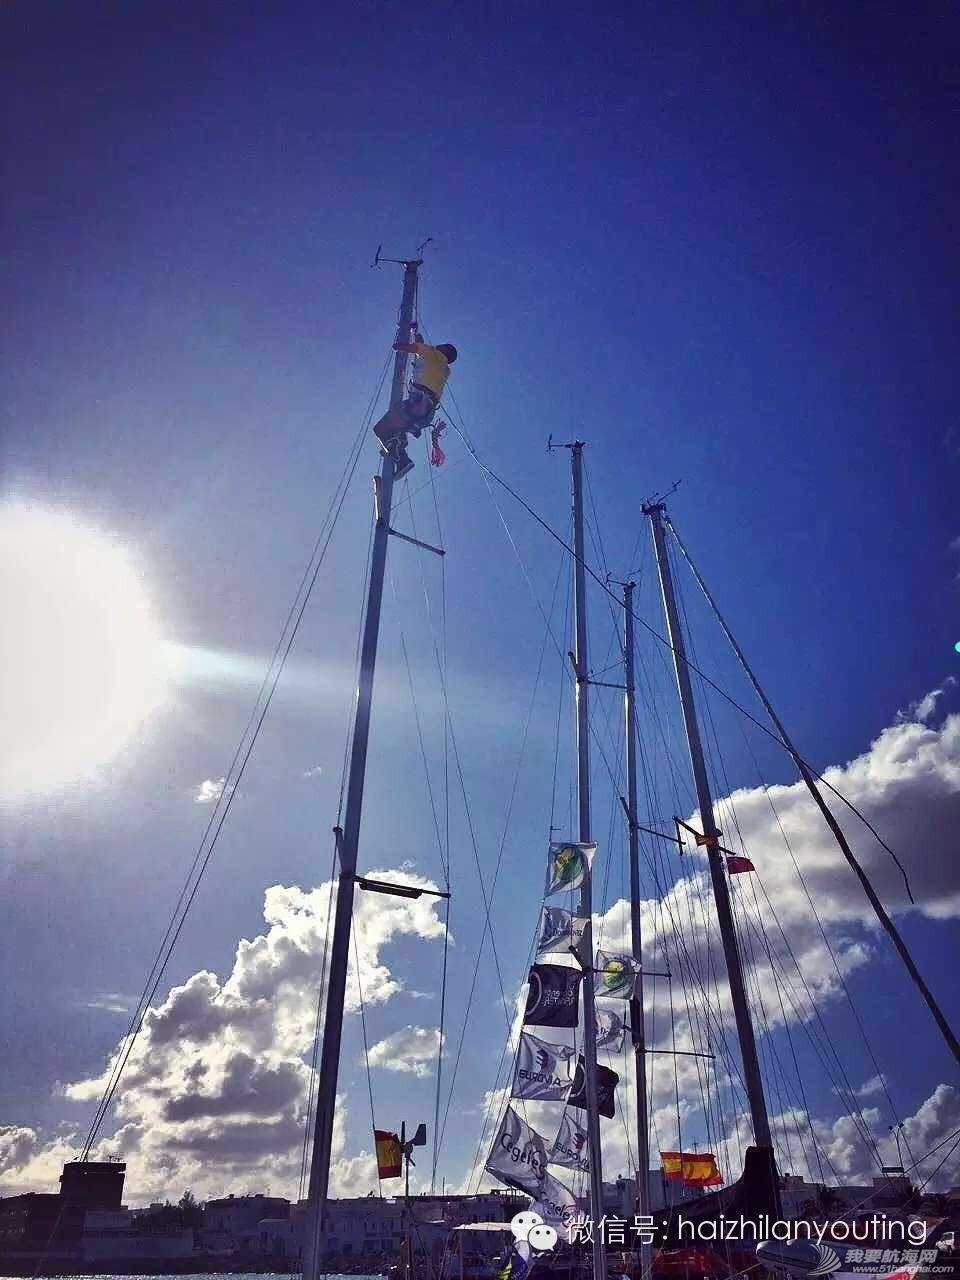 大西洋,中国海,朋友,决战 京坤在MINI TRANSAT | Mini transat第二赛段起航,决战大西洋 22be9d9a0156473cfcea7dc89cde72c4.jpg